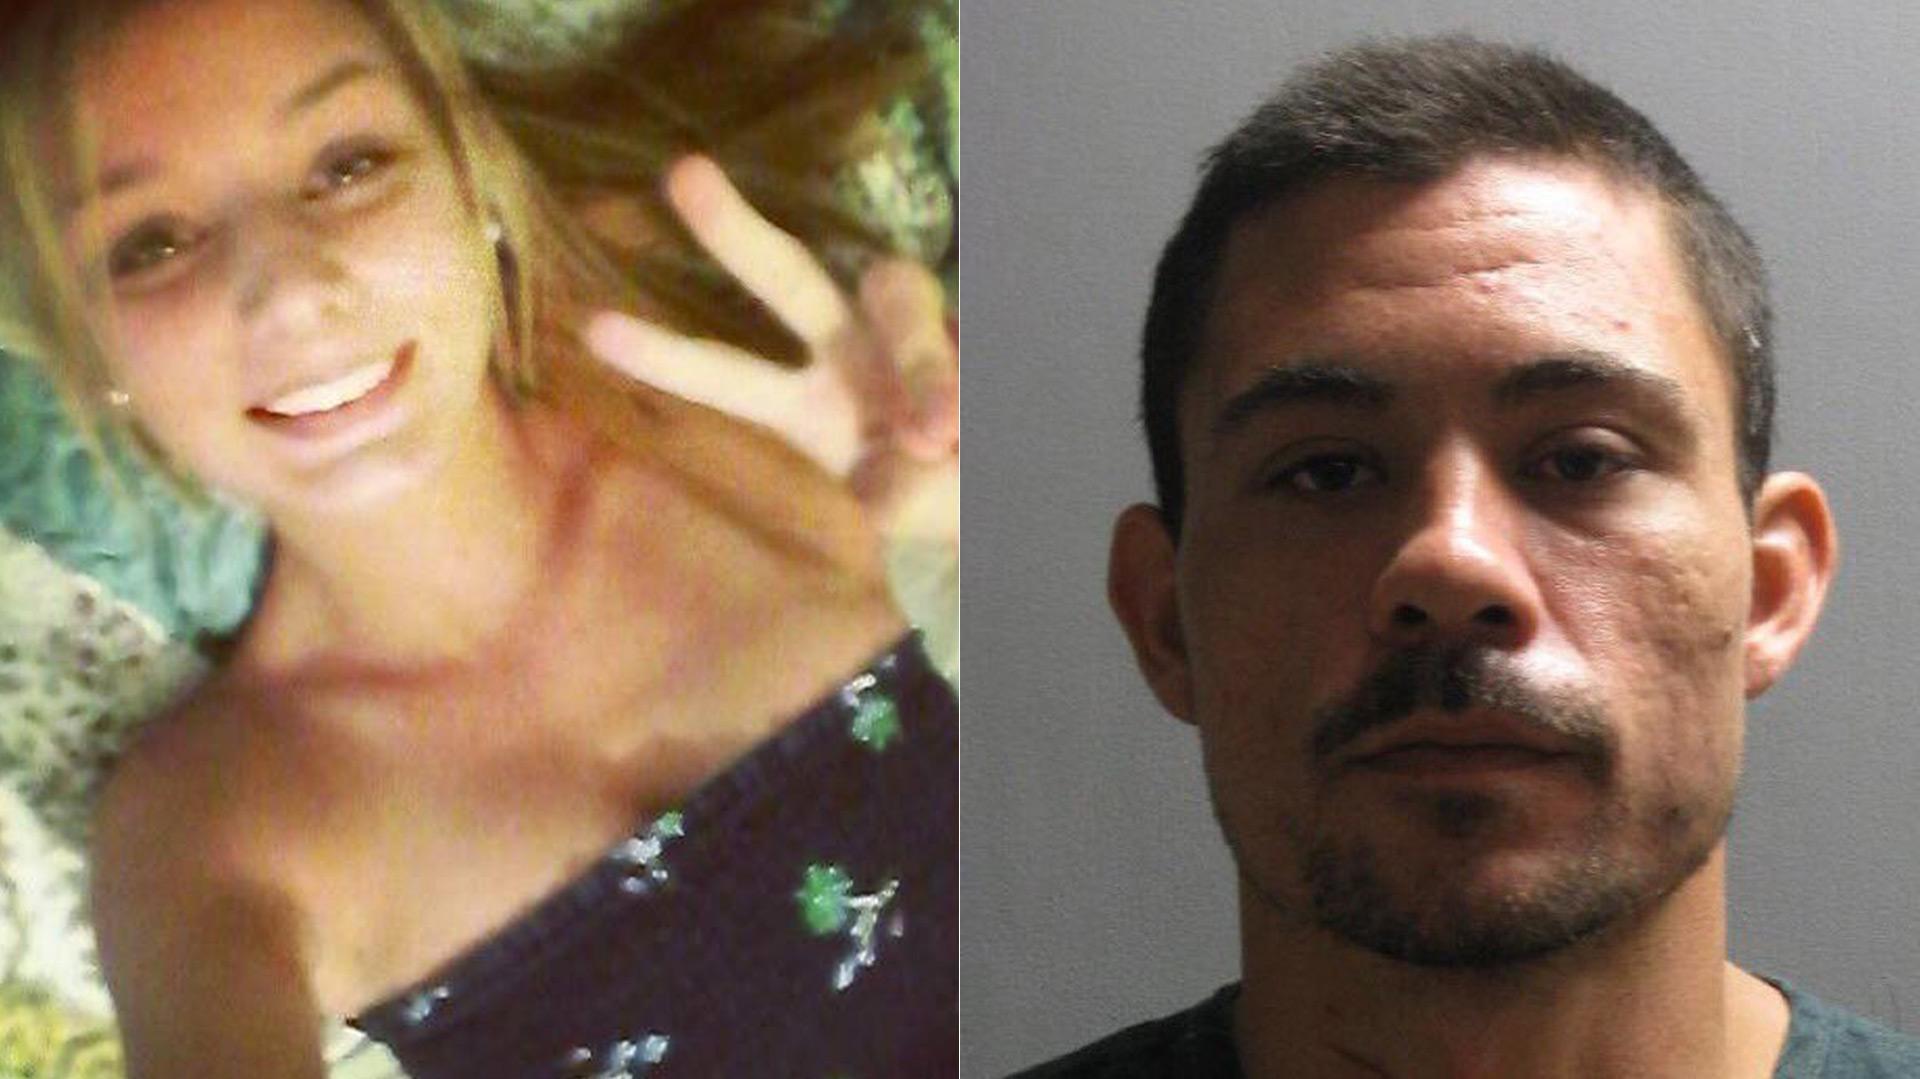 Savannah Gold y Lee Rodarte Jr. Ambos tuvieron un romance. Él terminó asesinándola pero aún no se conocieron los motivos